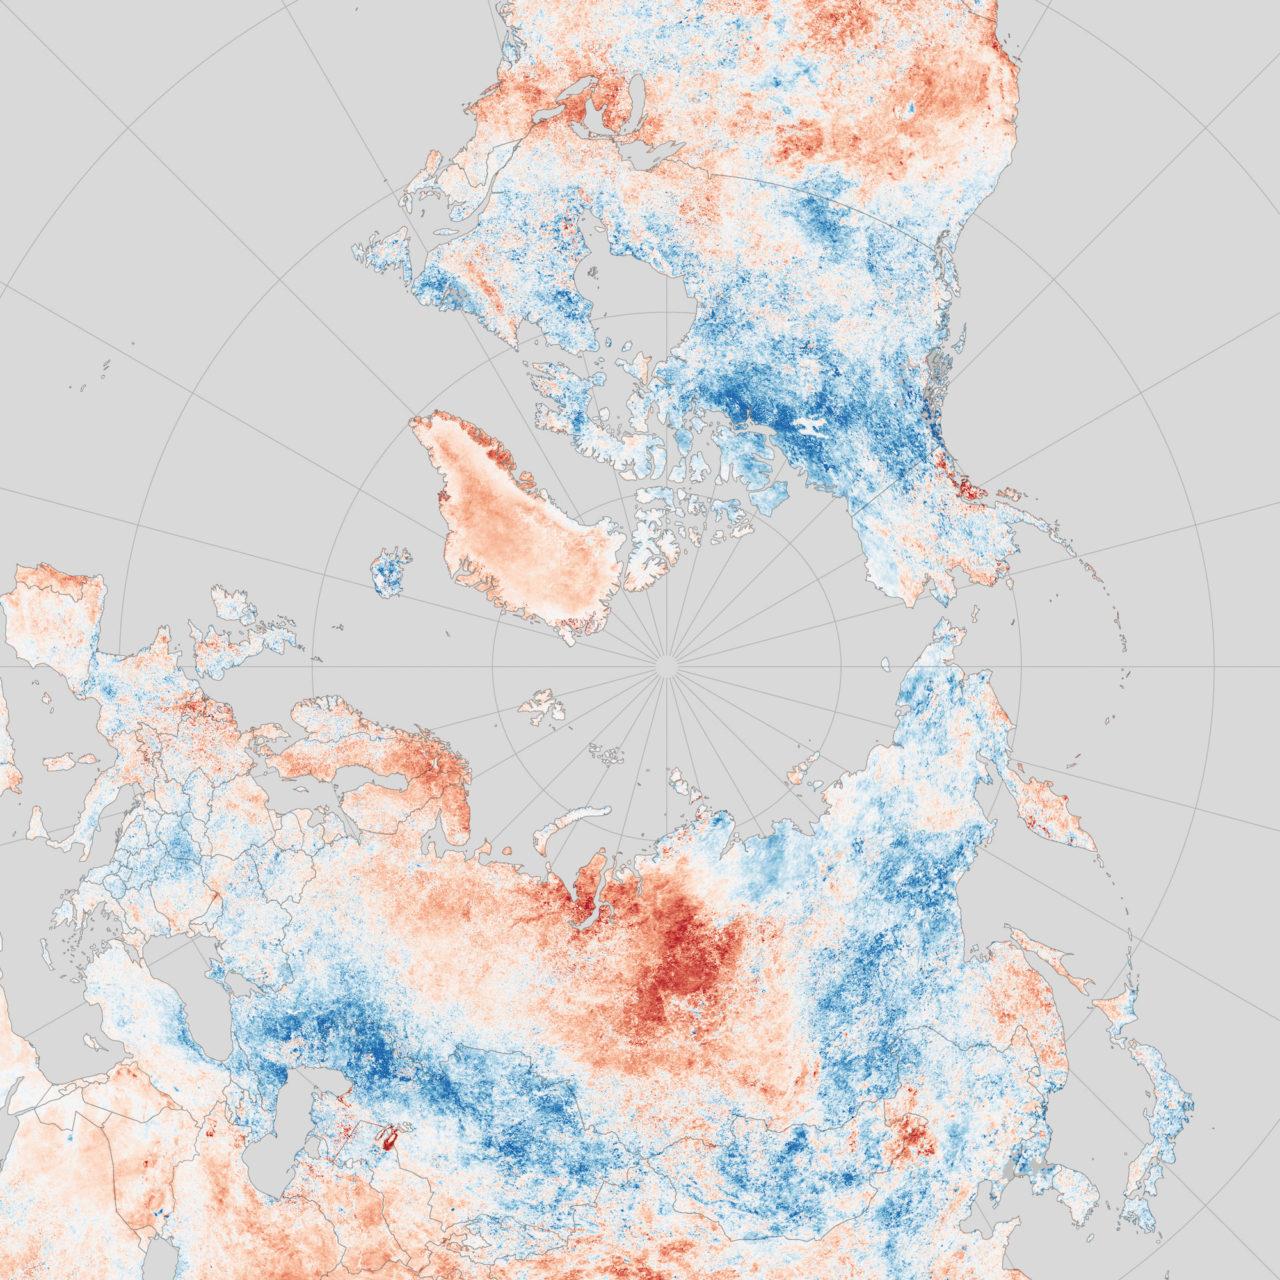 Vagues de chaleur dans l'Arctique • PopulationData.net